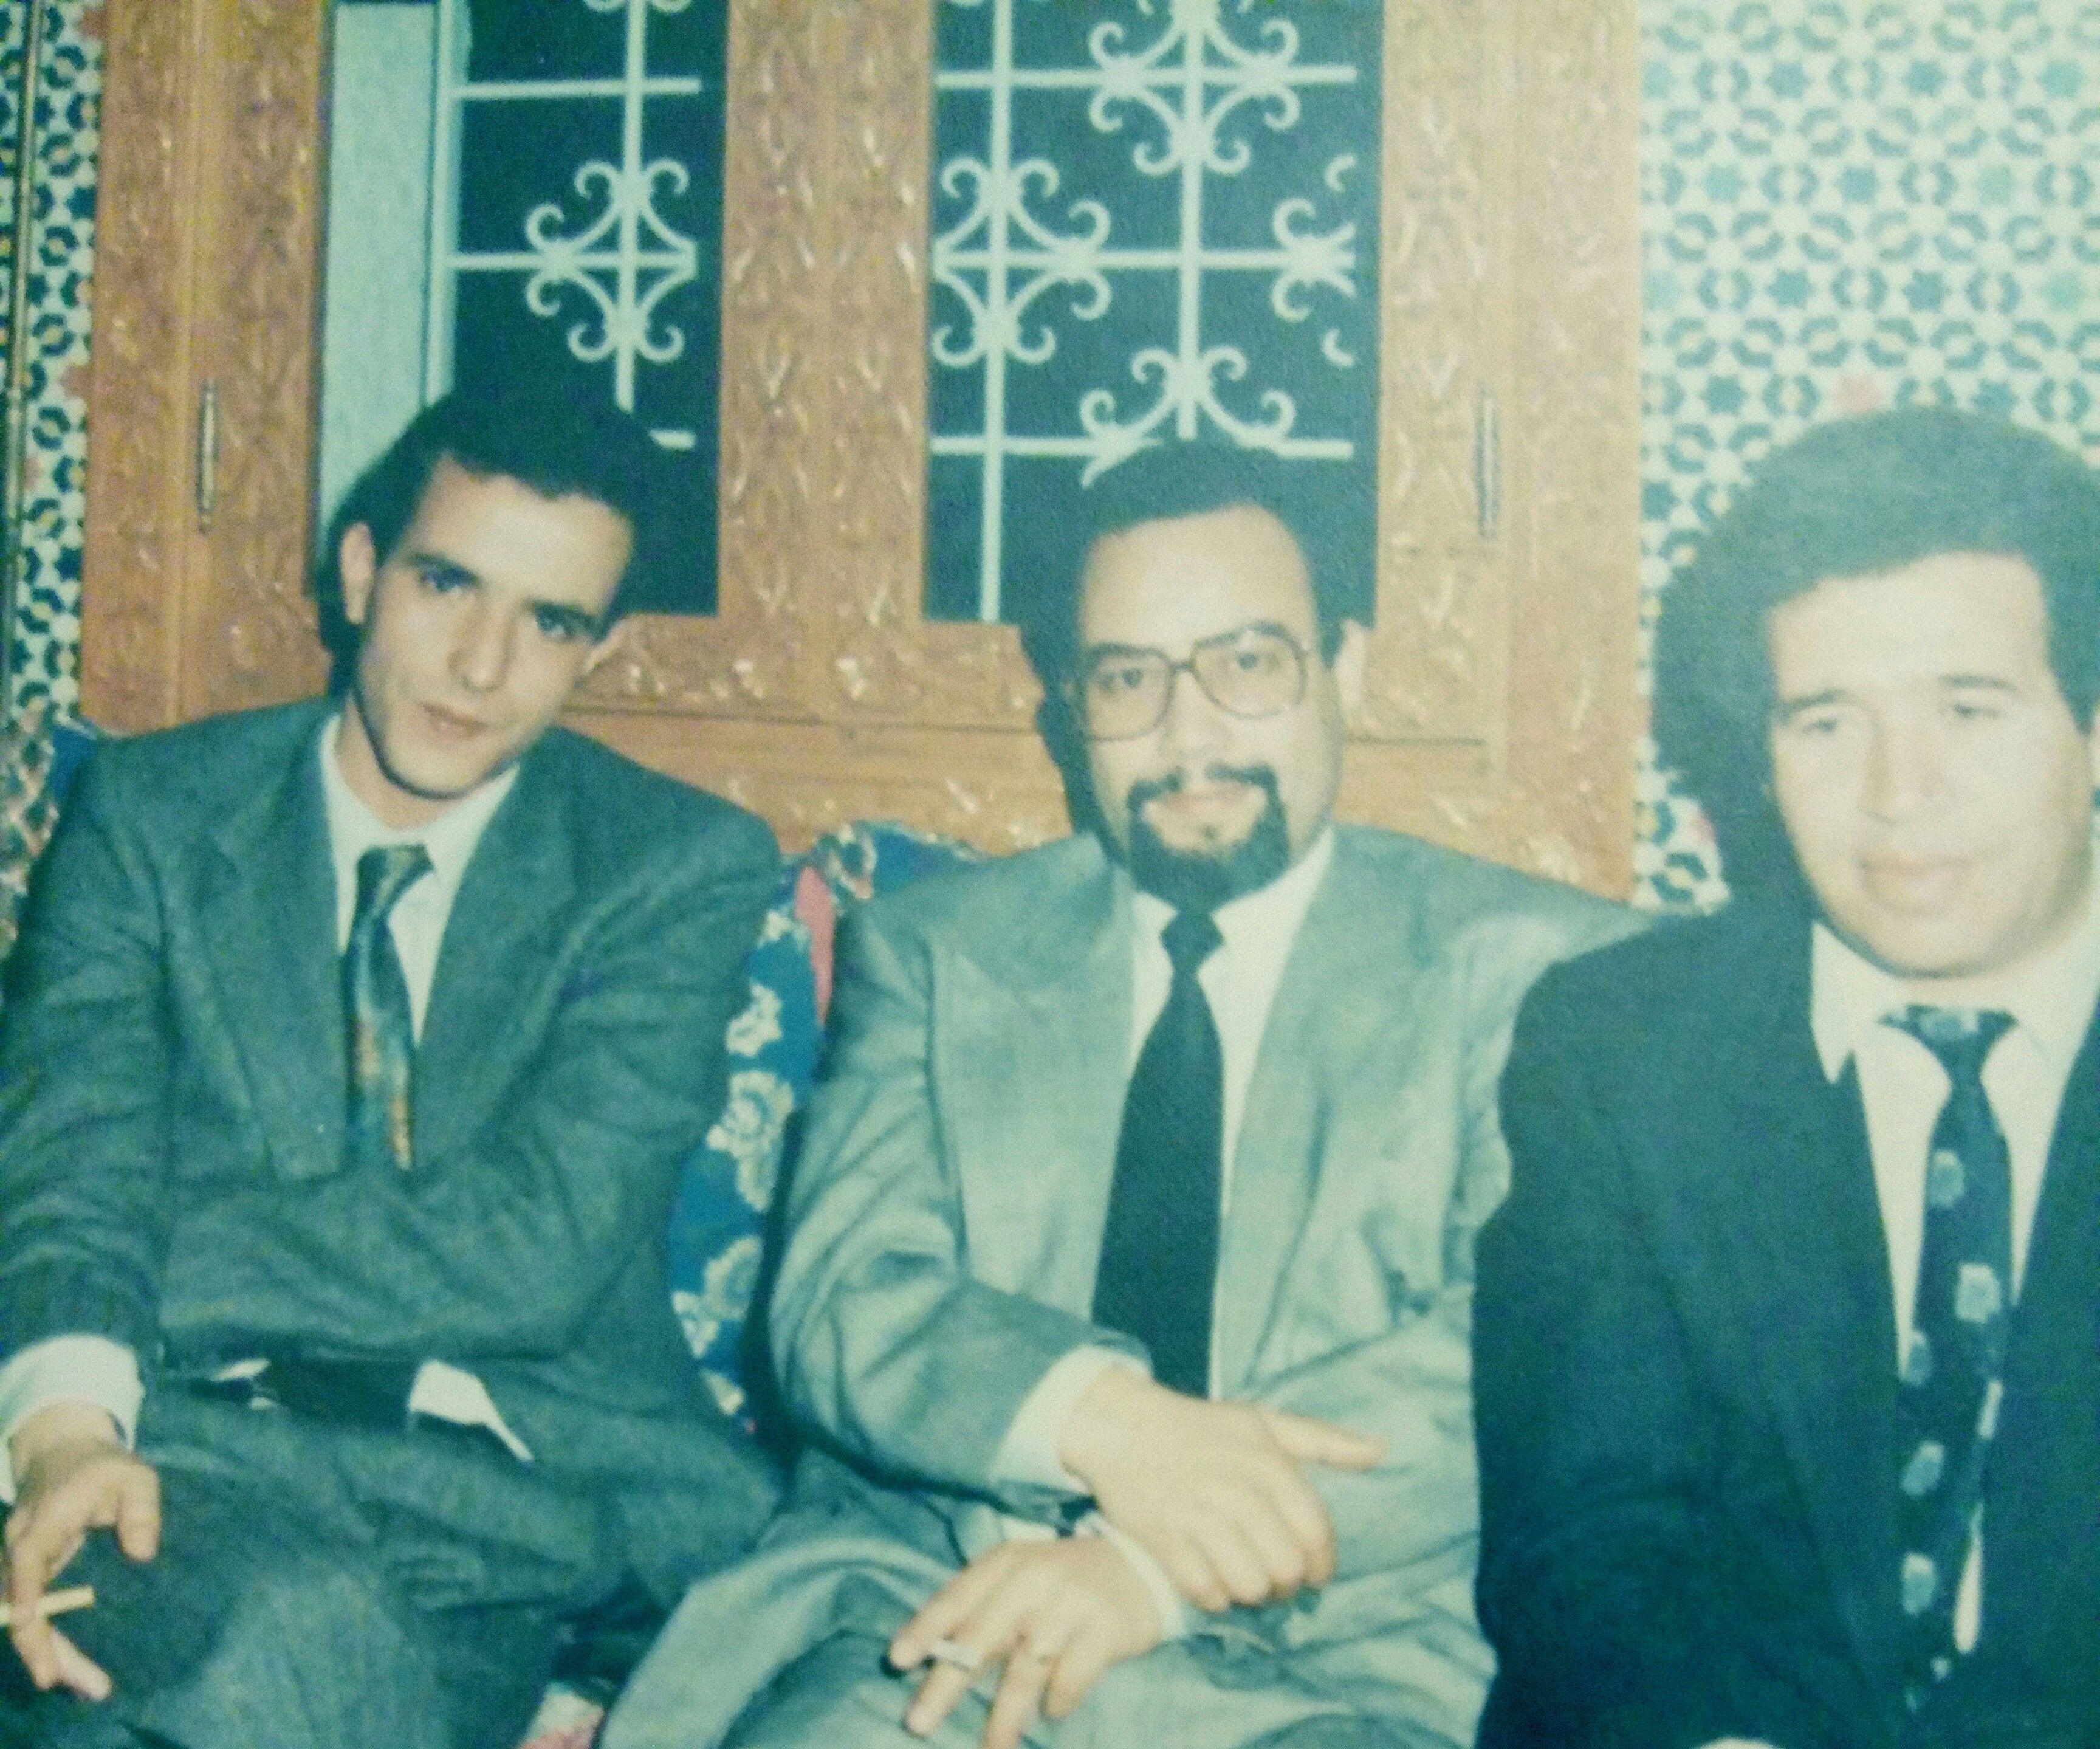 Lematin.ma premier journal quotidien au Maroc. Journal